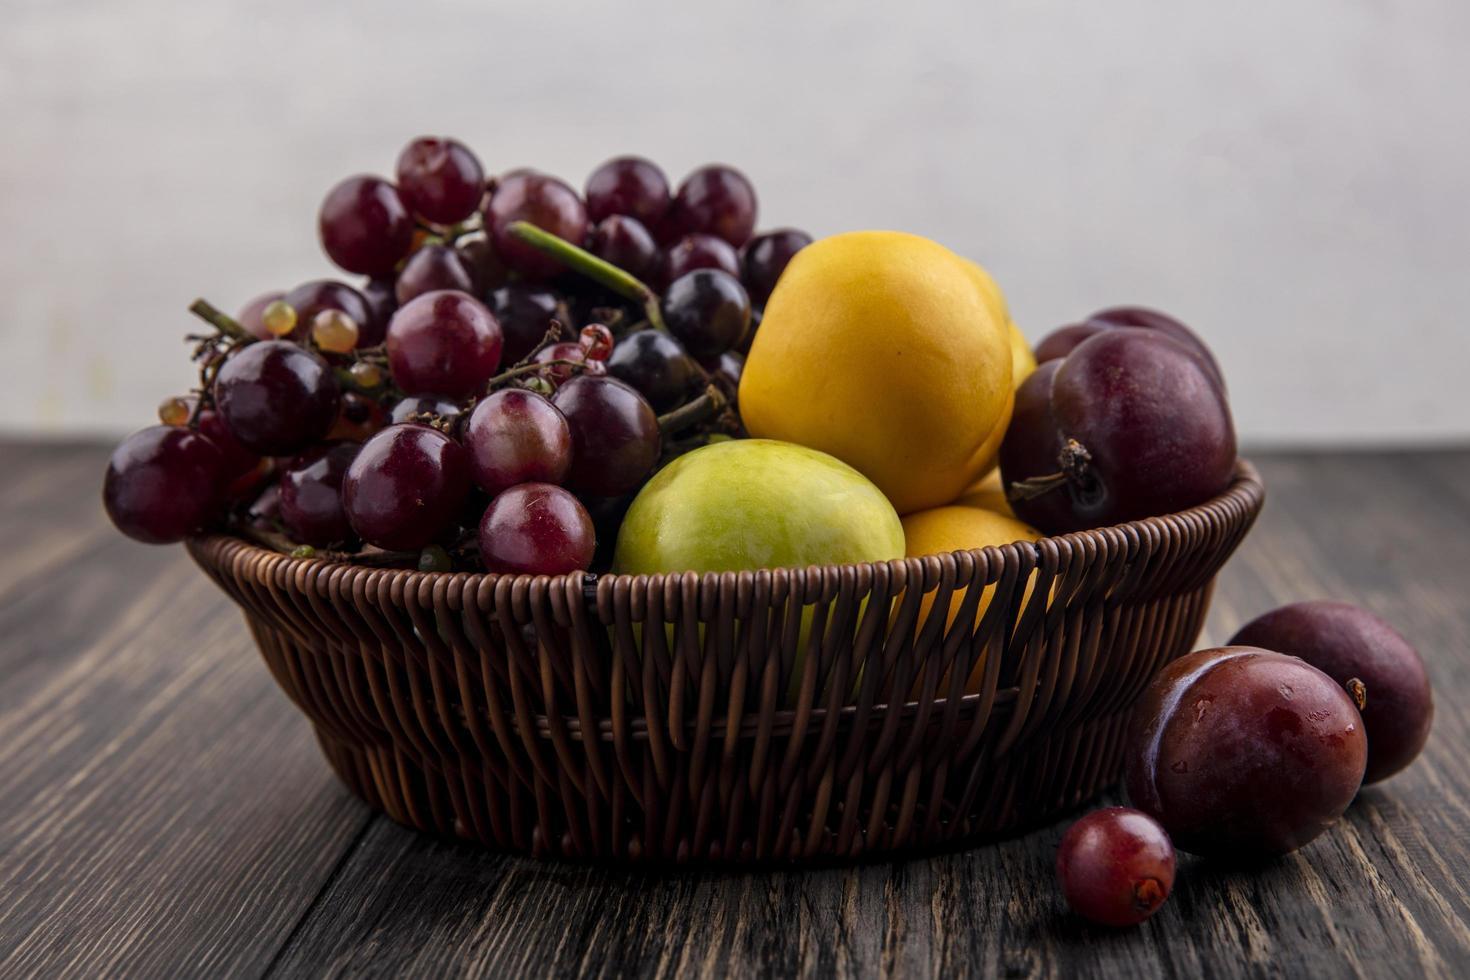 geassorteerde fruit in een mand op houten oppervlak foto